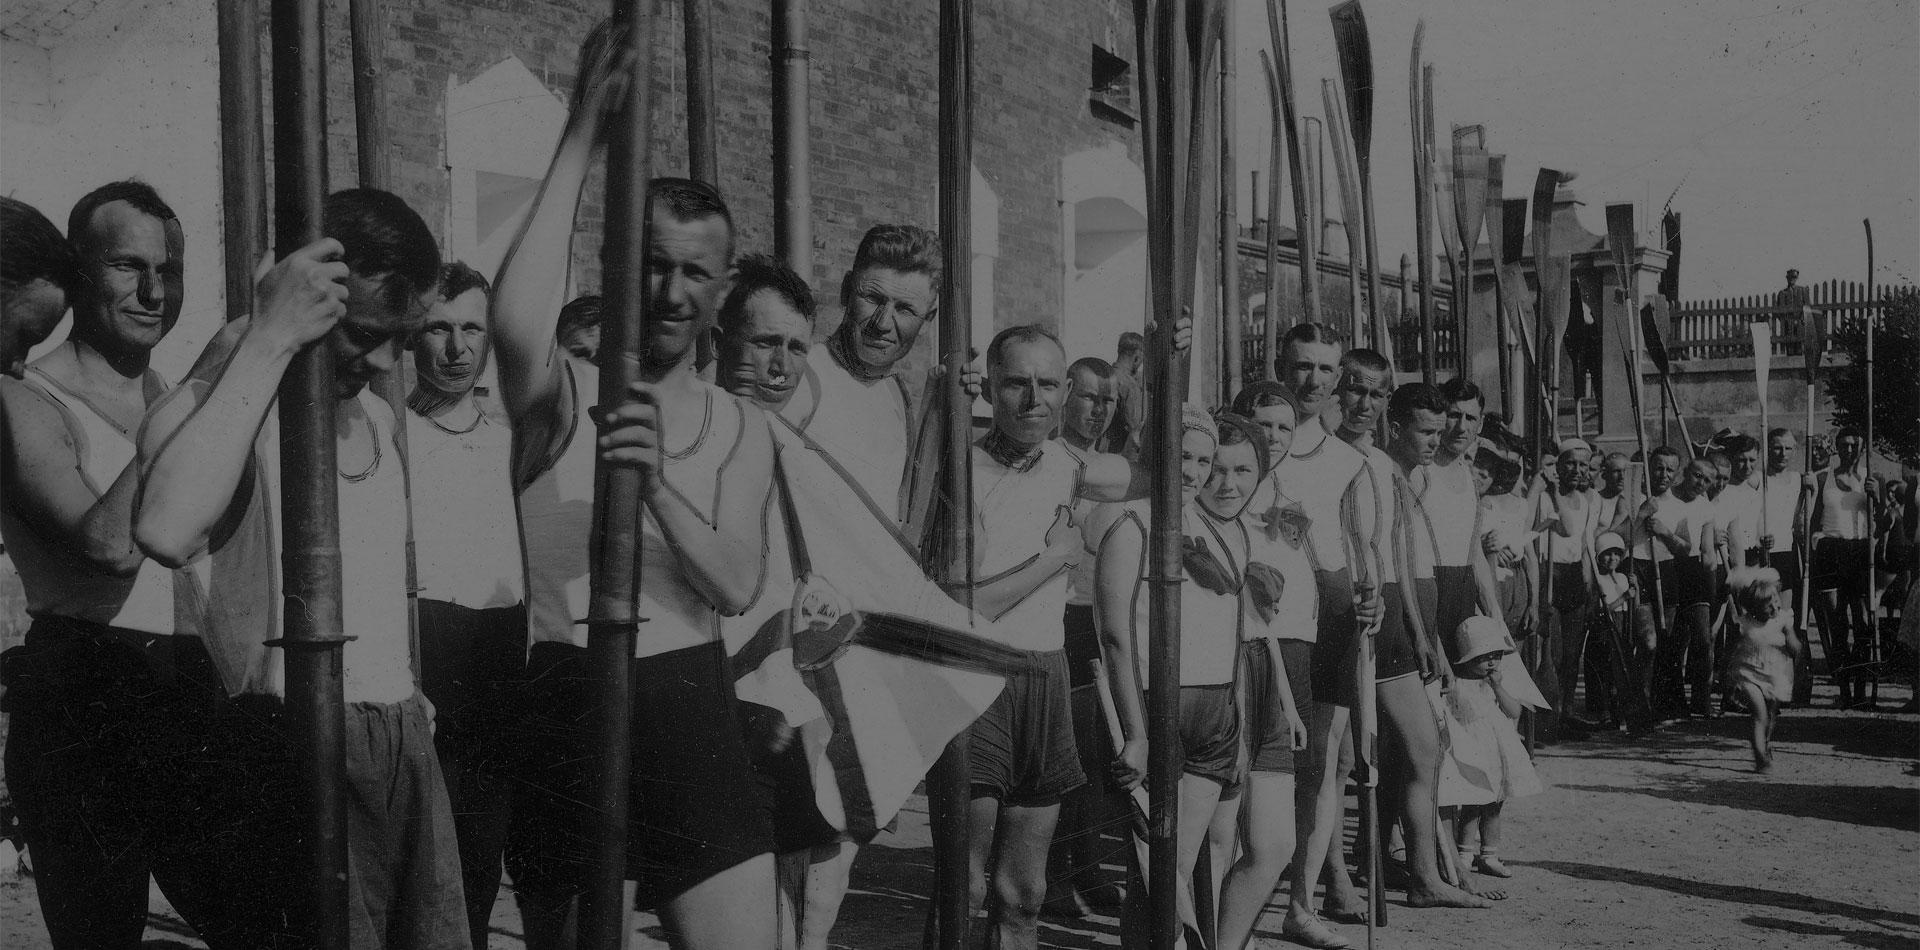 Чем жили брестчане до войны: много политики, дожинки и спорт. Уникальная подборка фото